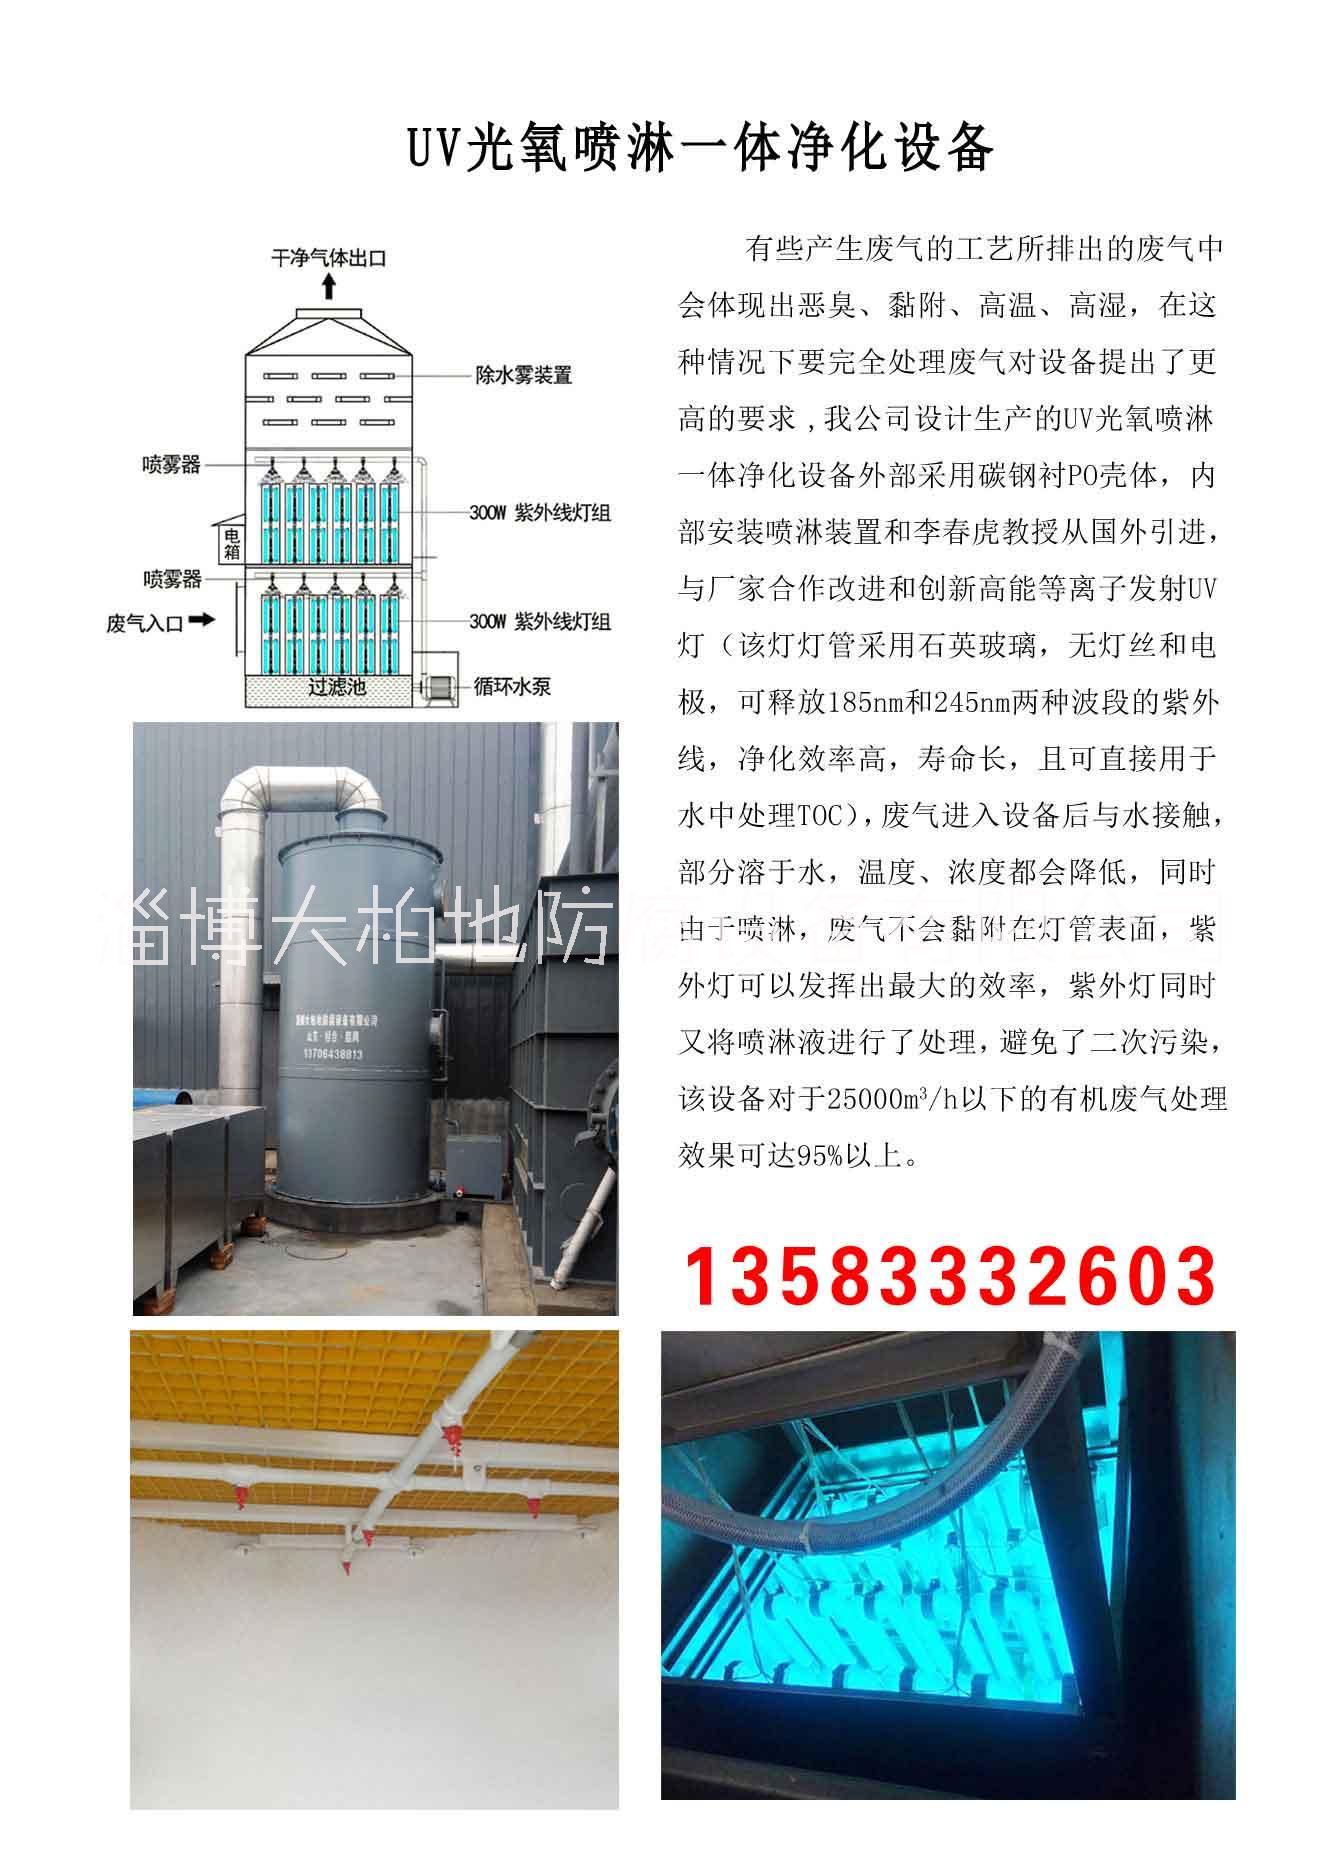 UV光氧喷淋塔,光催化氧化喷淋塔VOC废气处理设备、除尘脱硫塔、淄博市环保设备生产厂家